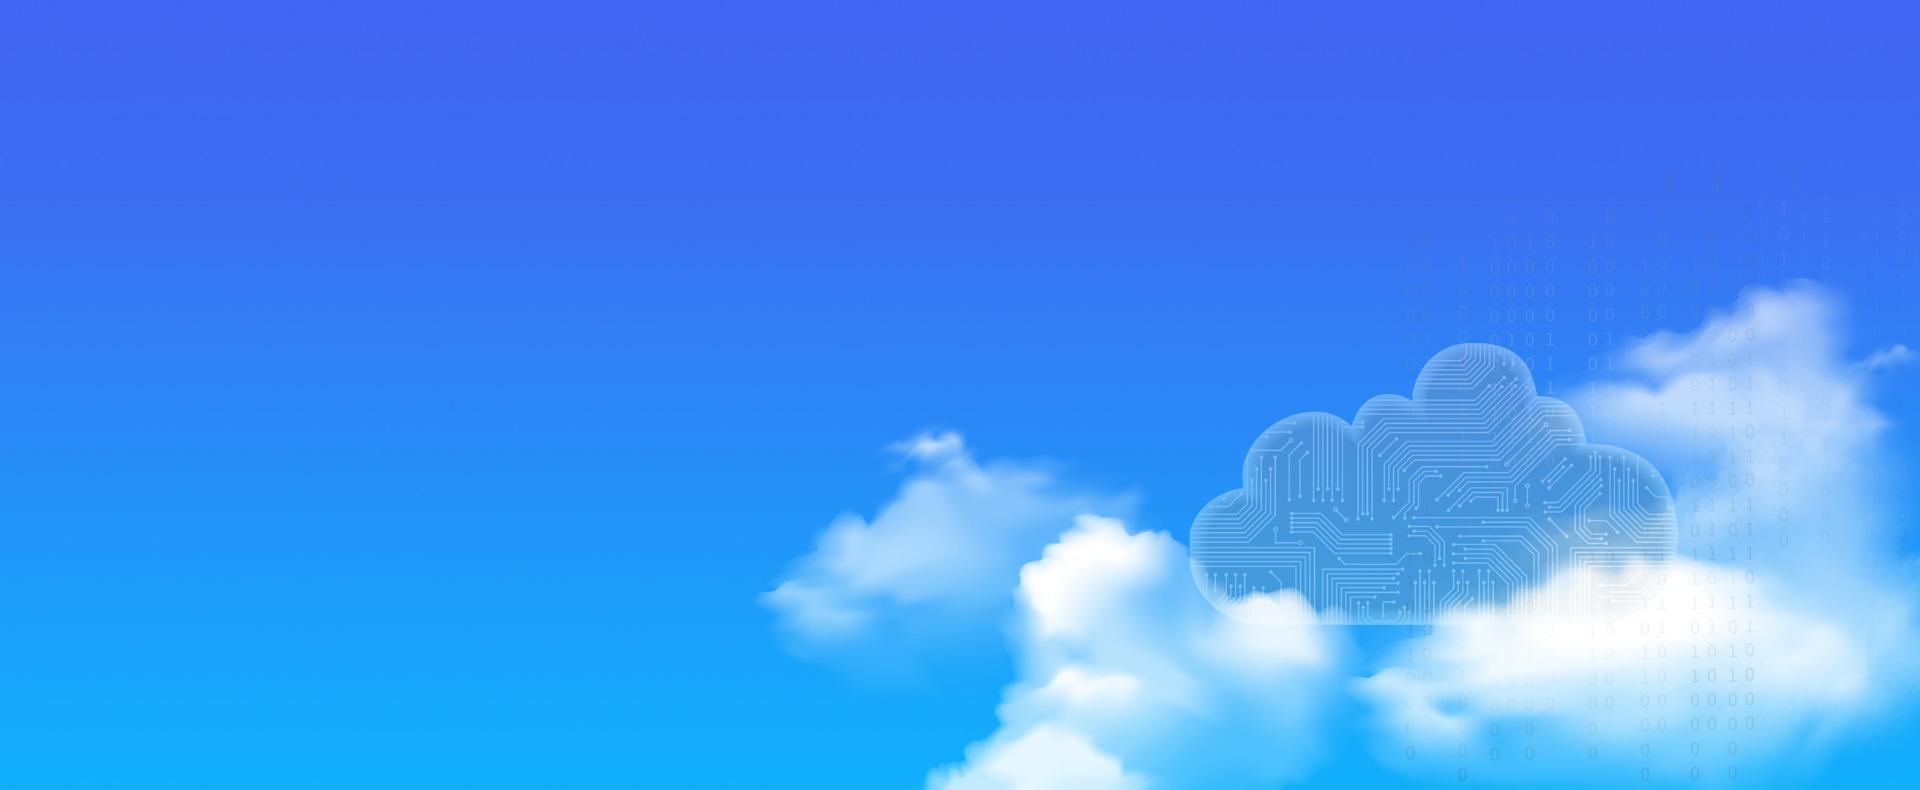 Cloud Platform/Technology Services